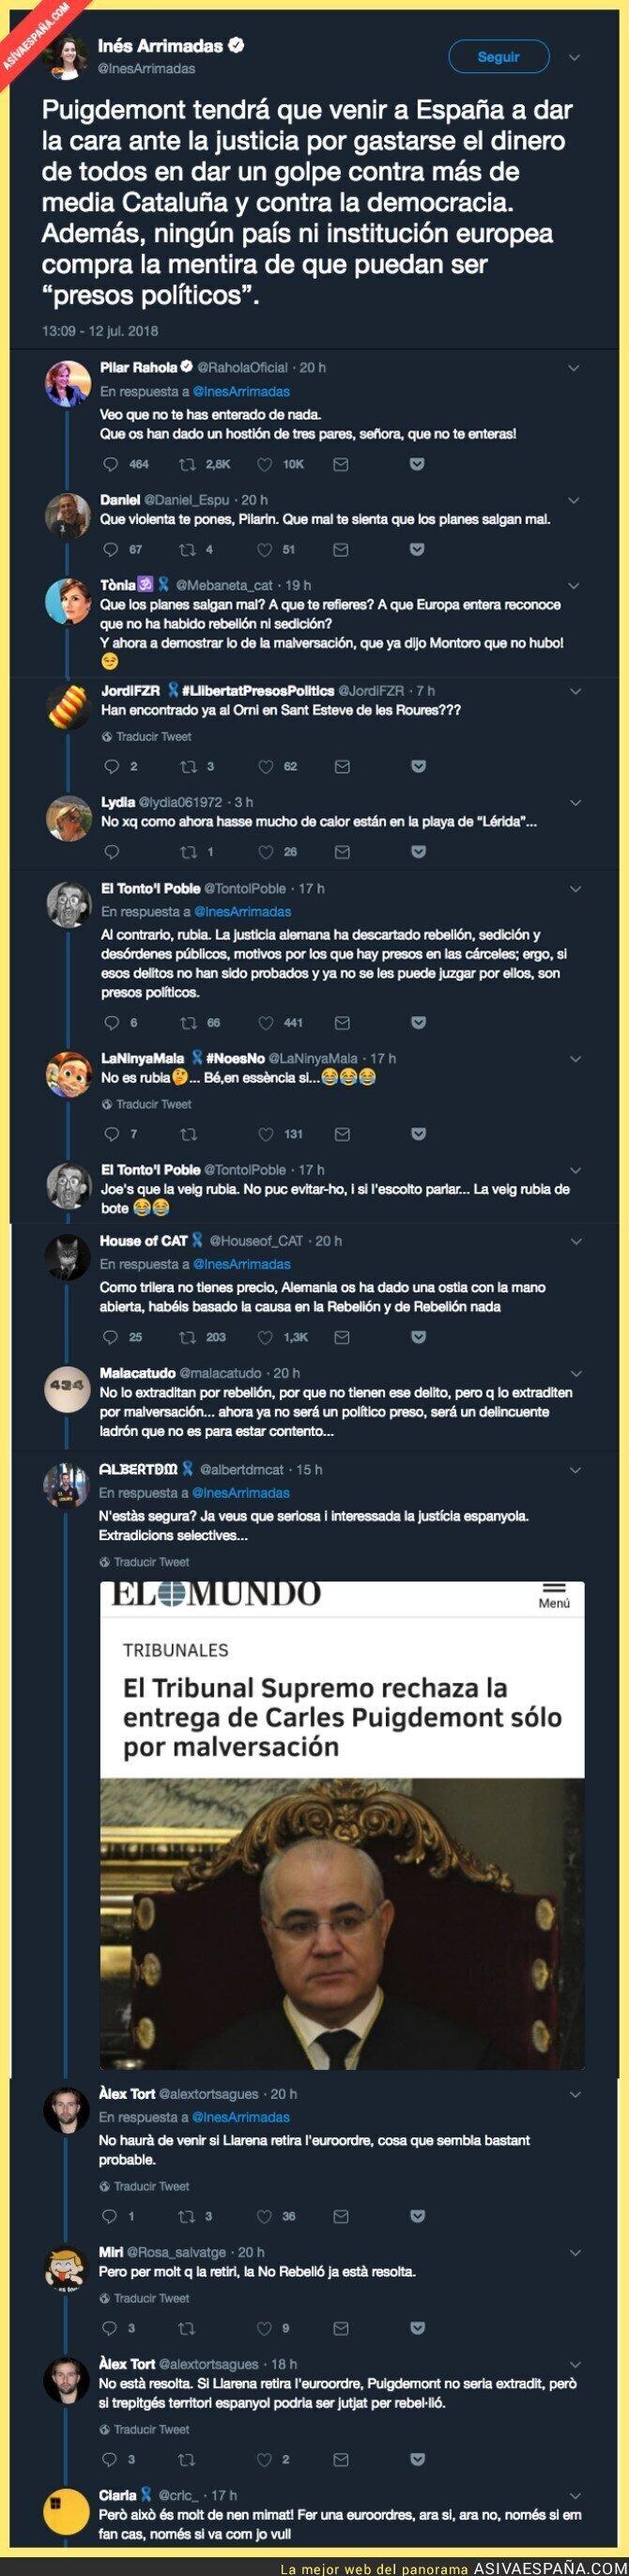 89538 - La justicia alemana le da una h*stia a España con Puigdemont e Inés Arrimadas lo remata con este análisis de la sentencia